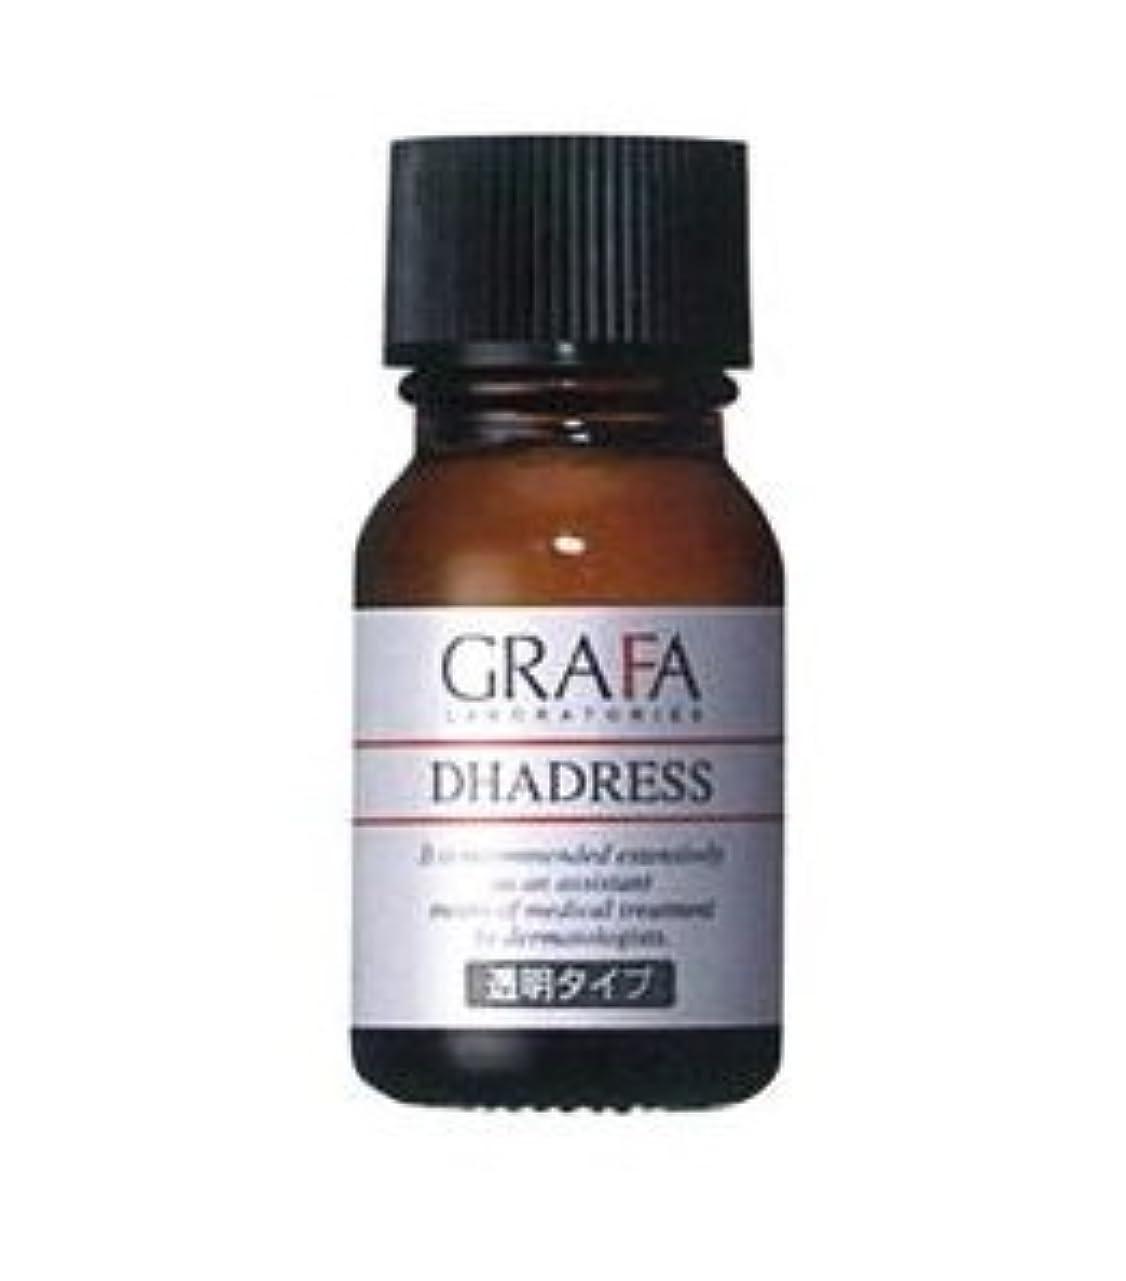 グラファ ダドレス (透明タイプ) 11mL 着色用化粧水 GRAFA DHADRESS